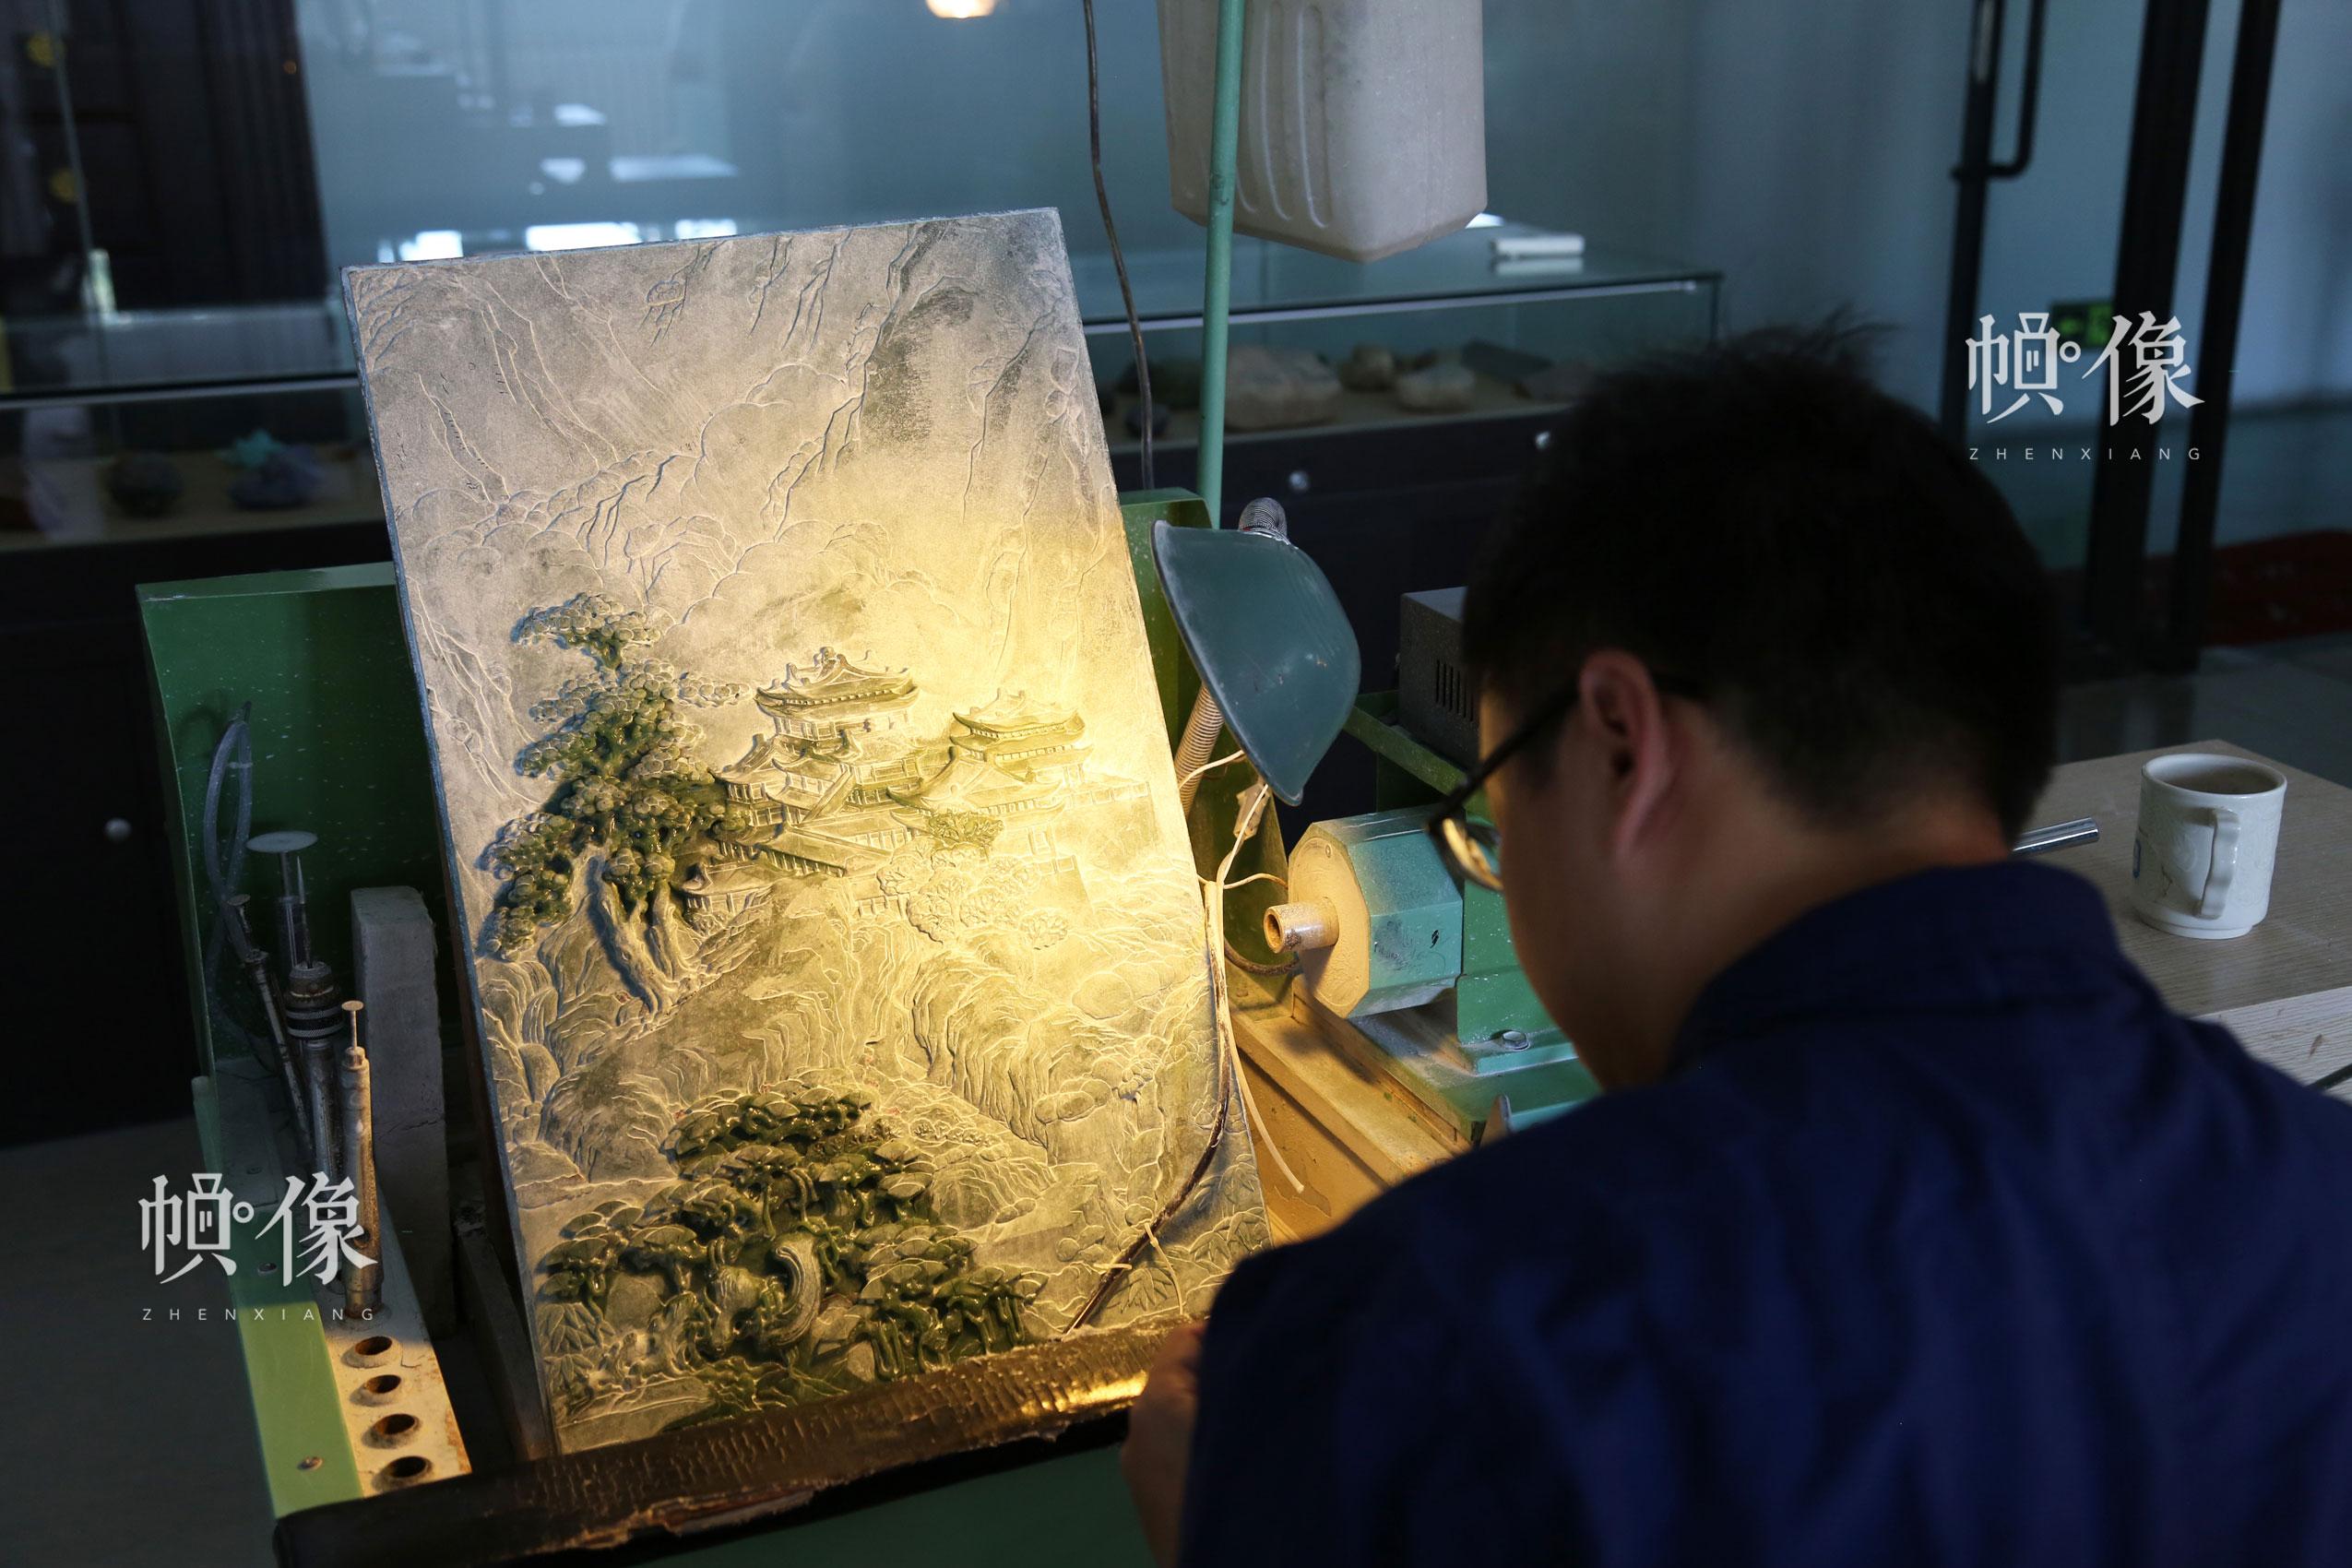 2017年9月5日,北京工美聚艺文化创意园区,玉雕工作者在雕刻玉画。中国网记者 赵超 摄